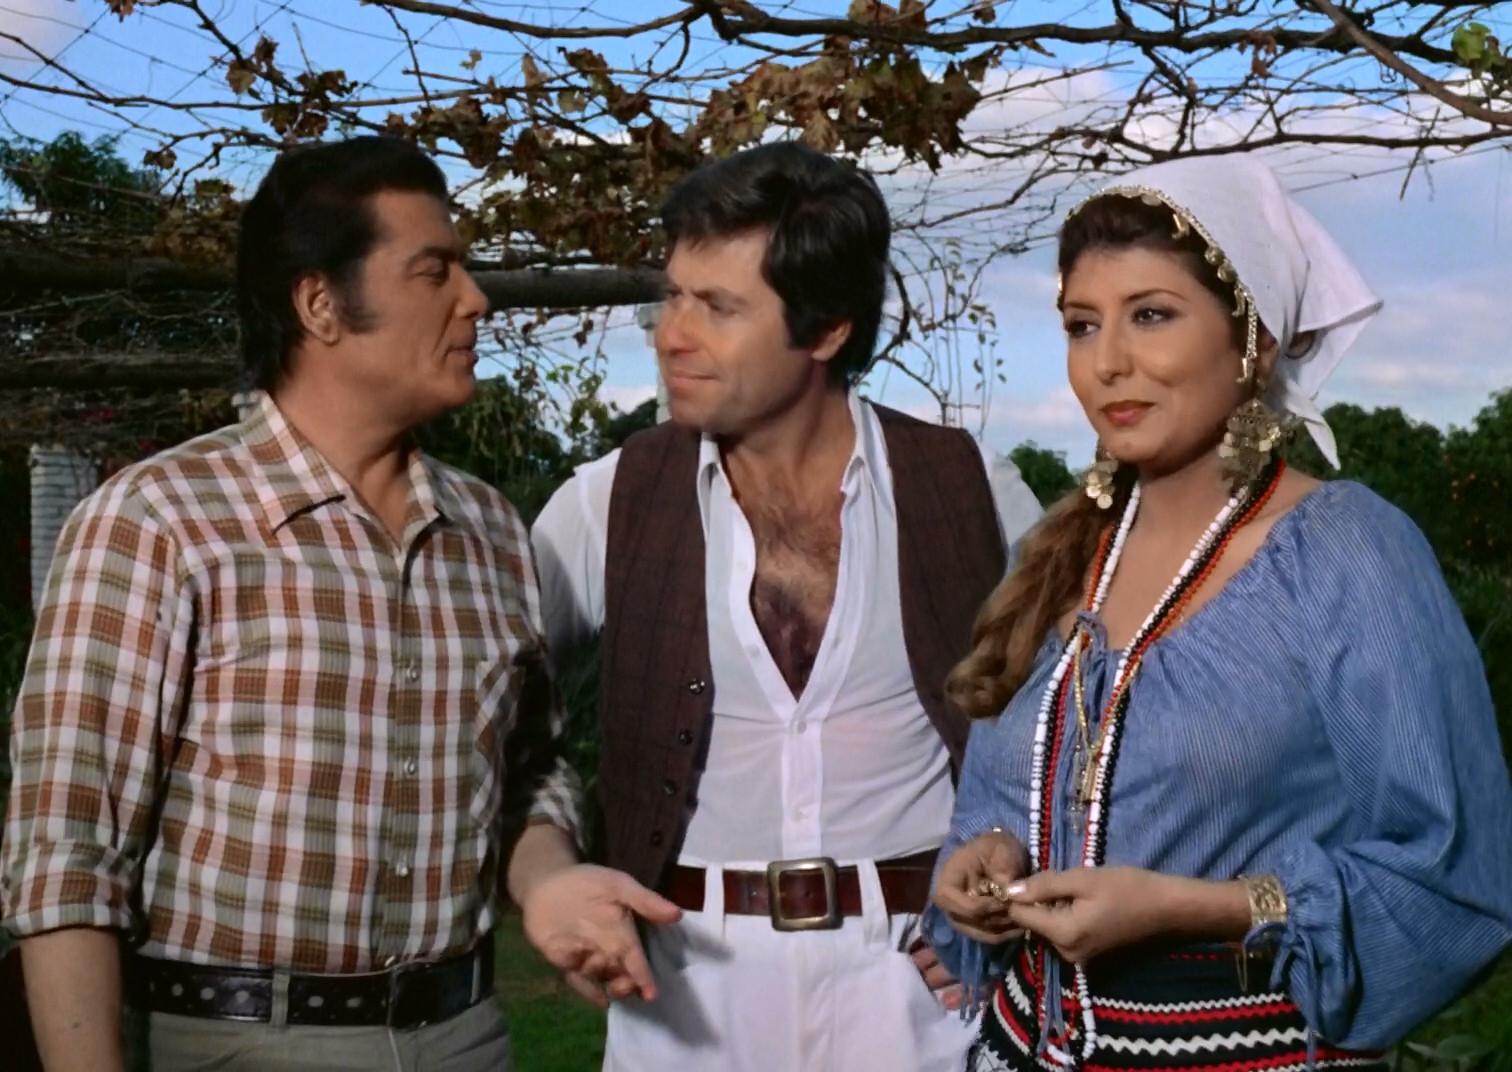 [فيلم][تورنت][تحميل][صراع العشاق][1981][1080p][Web-DL] 12 arabp2p.com